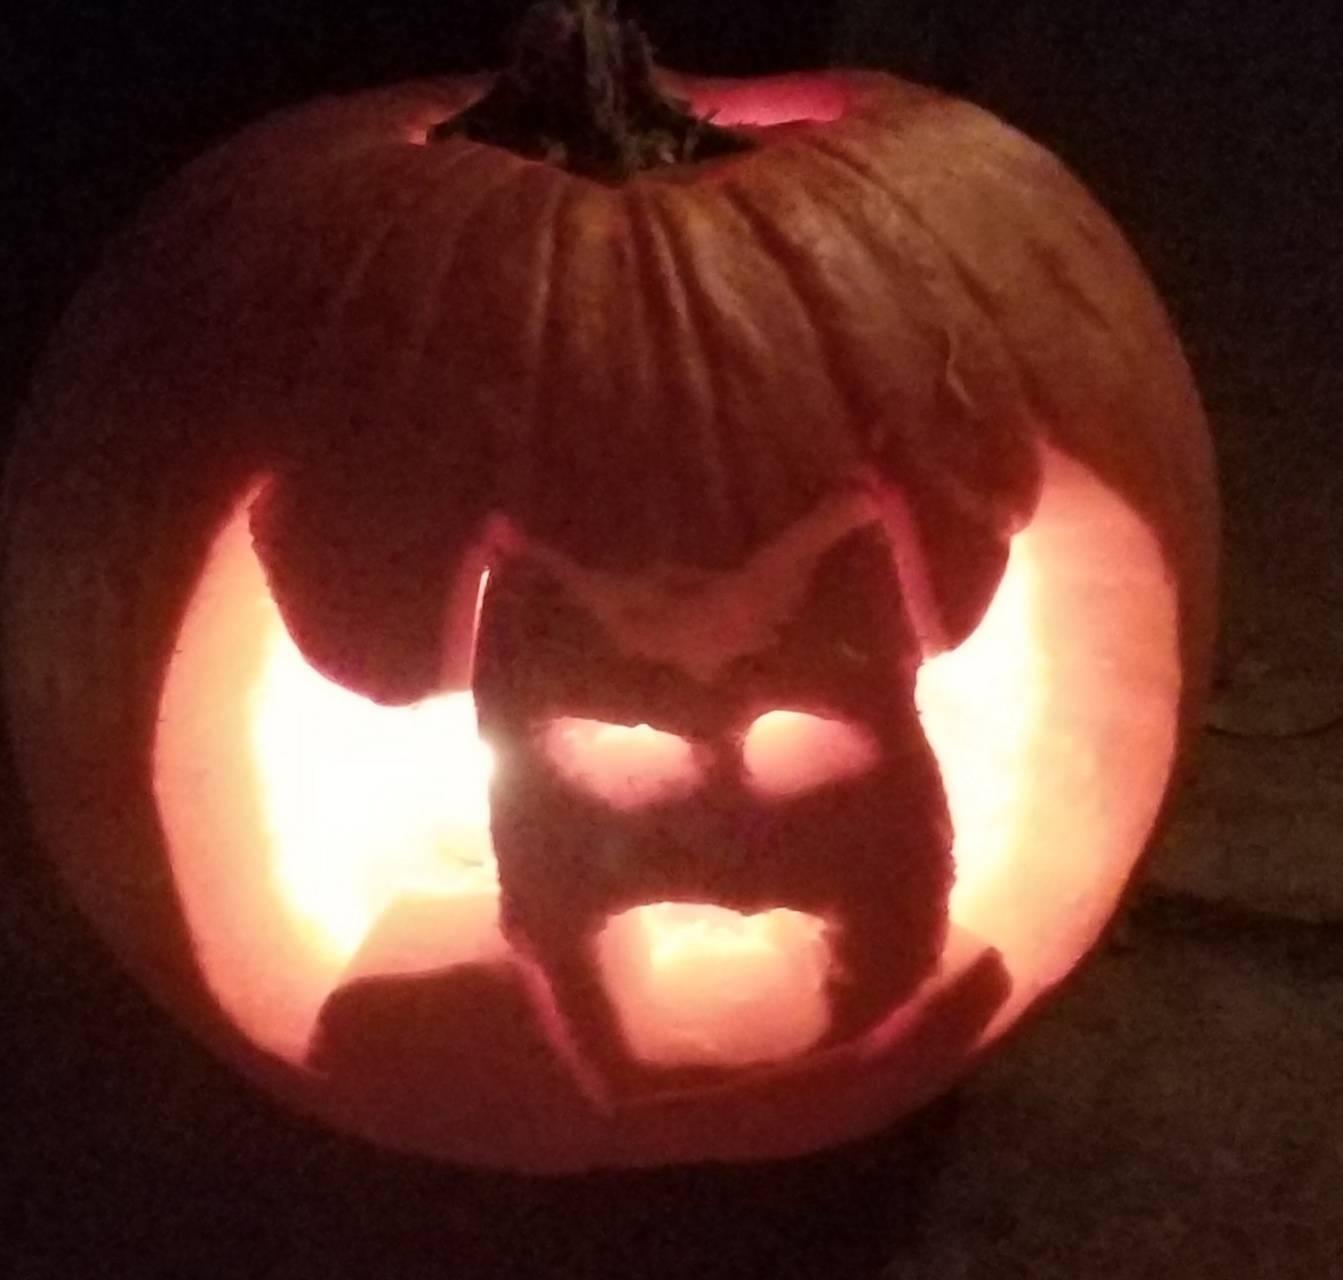 The Bat Pumkin